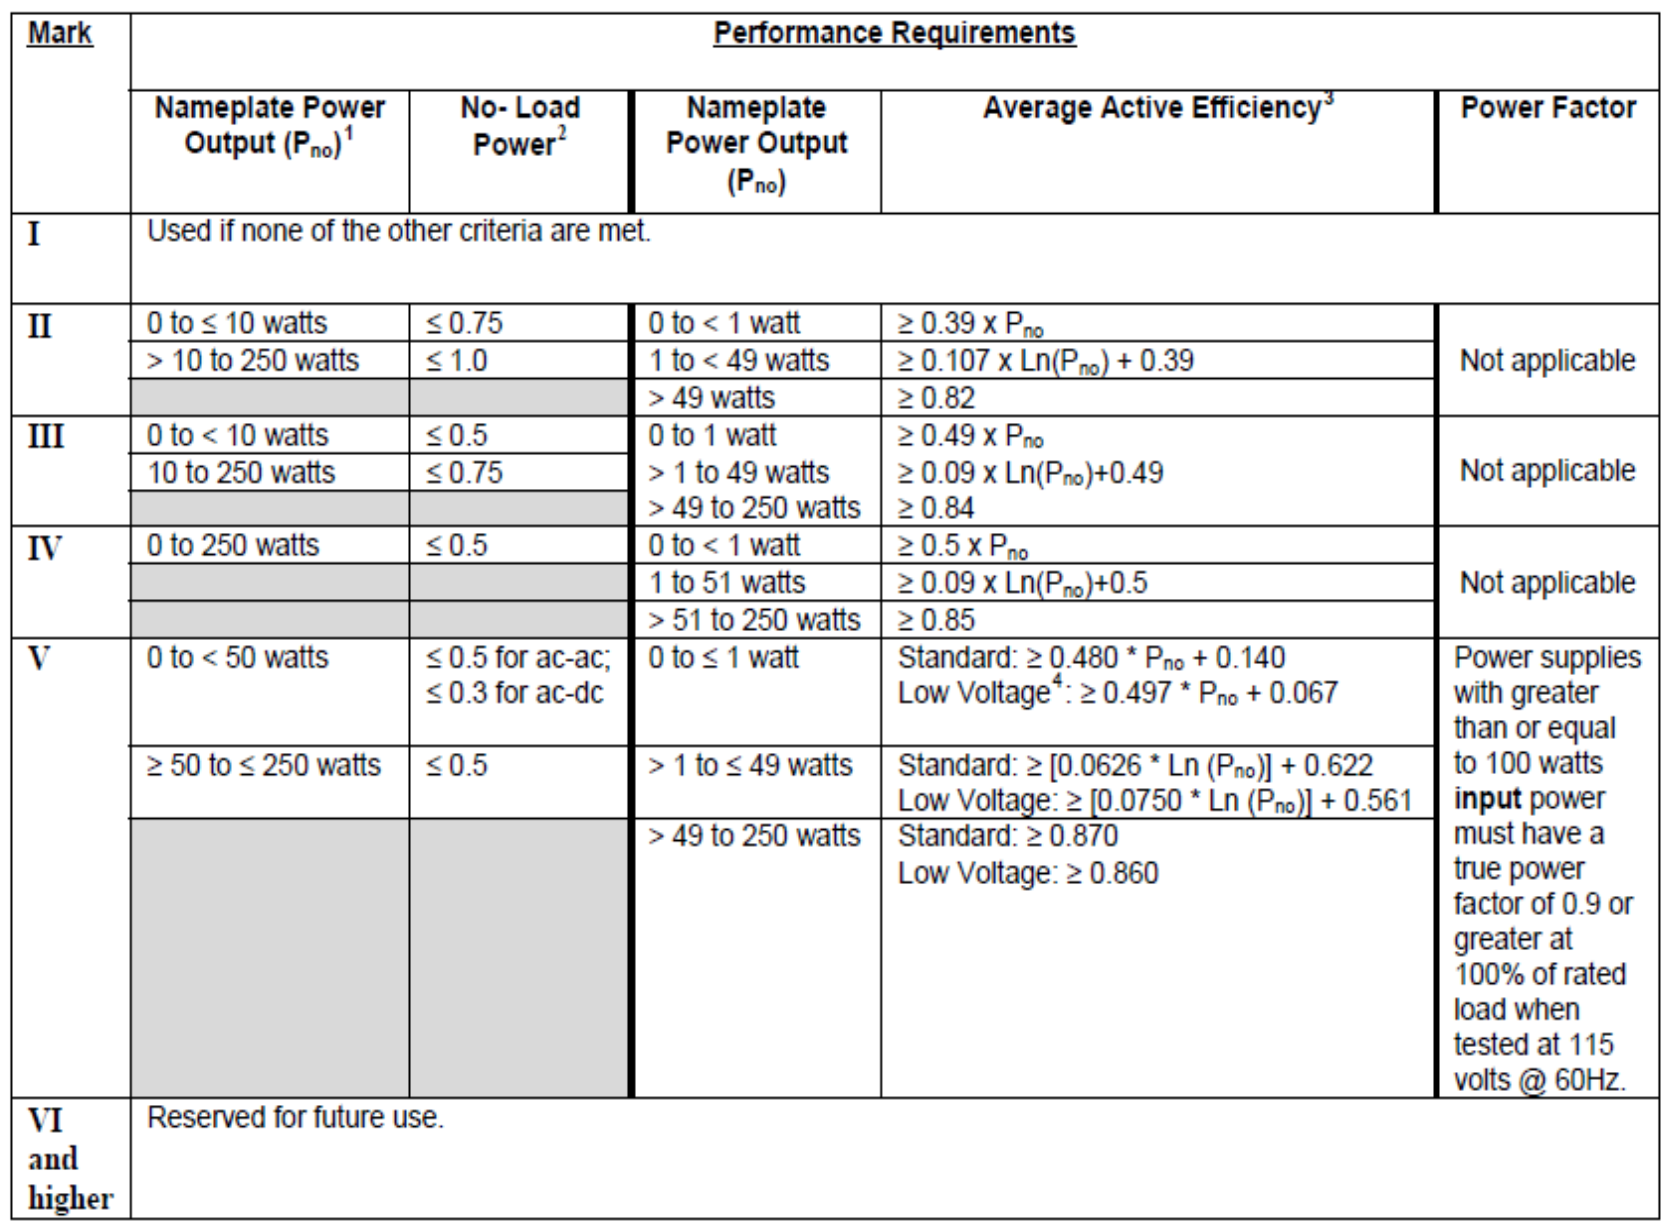 表 二 International Efficiency Marking Protocol for External Power Supplies